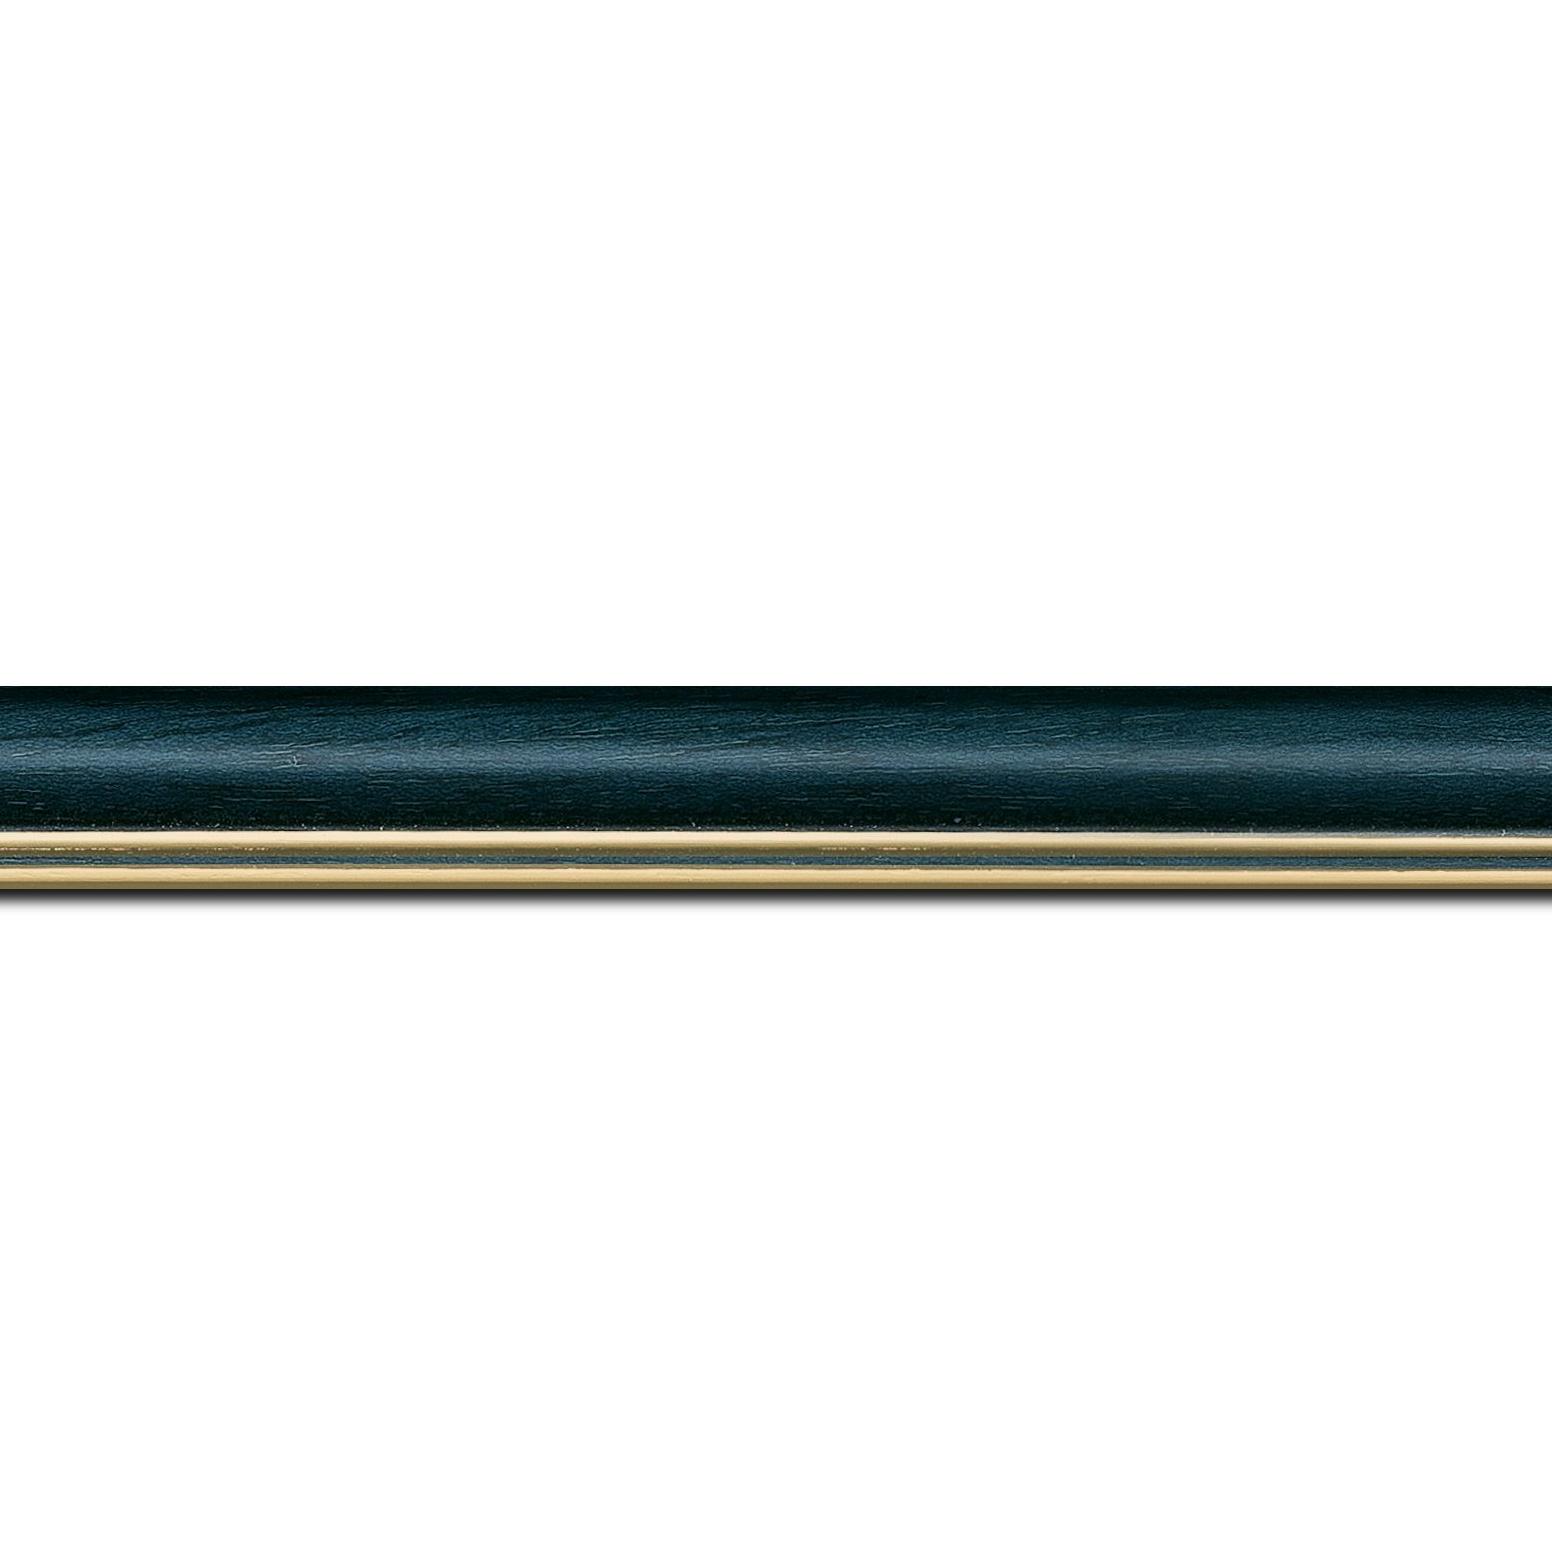 Baguette longueur 1.40m bois profil doucine inversée largeur 2.3cm bleu pétrole satiné double filet or